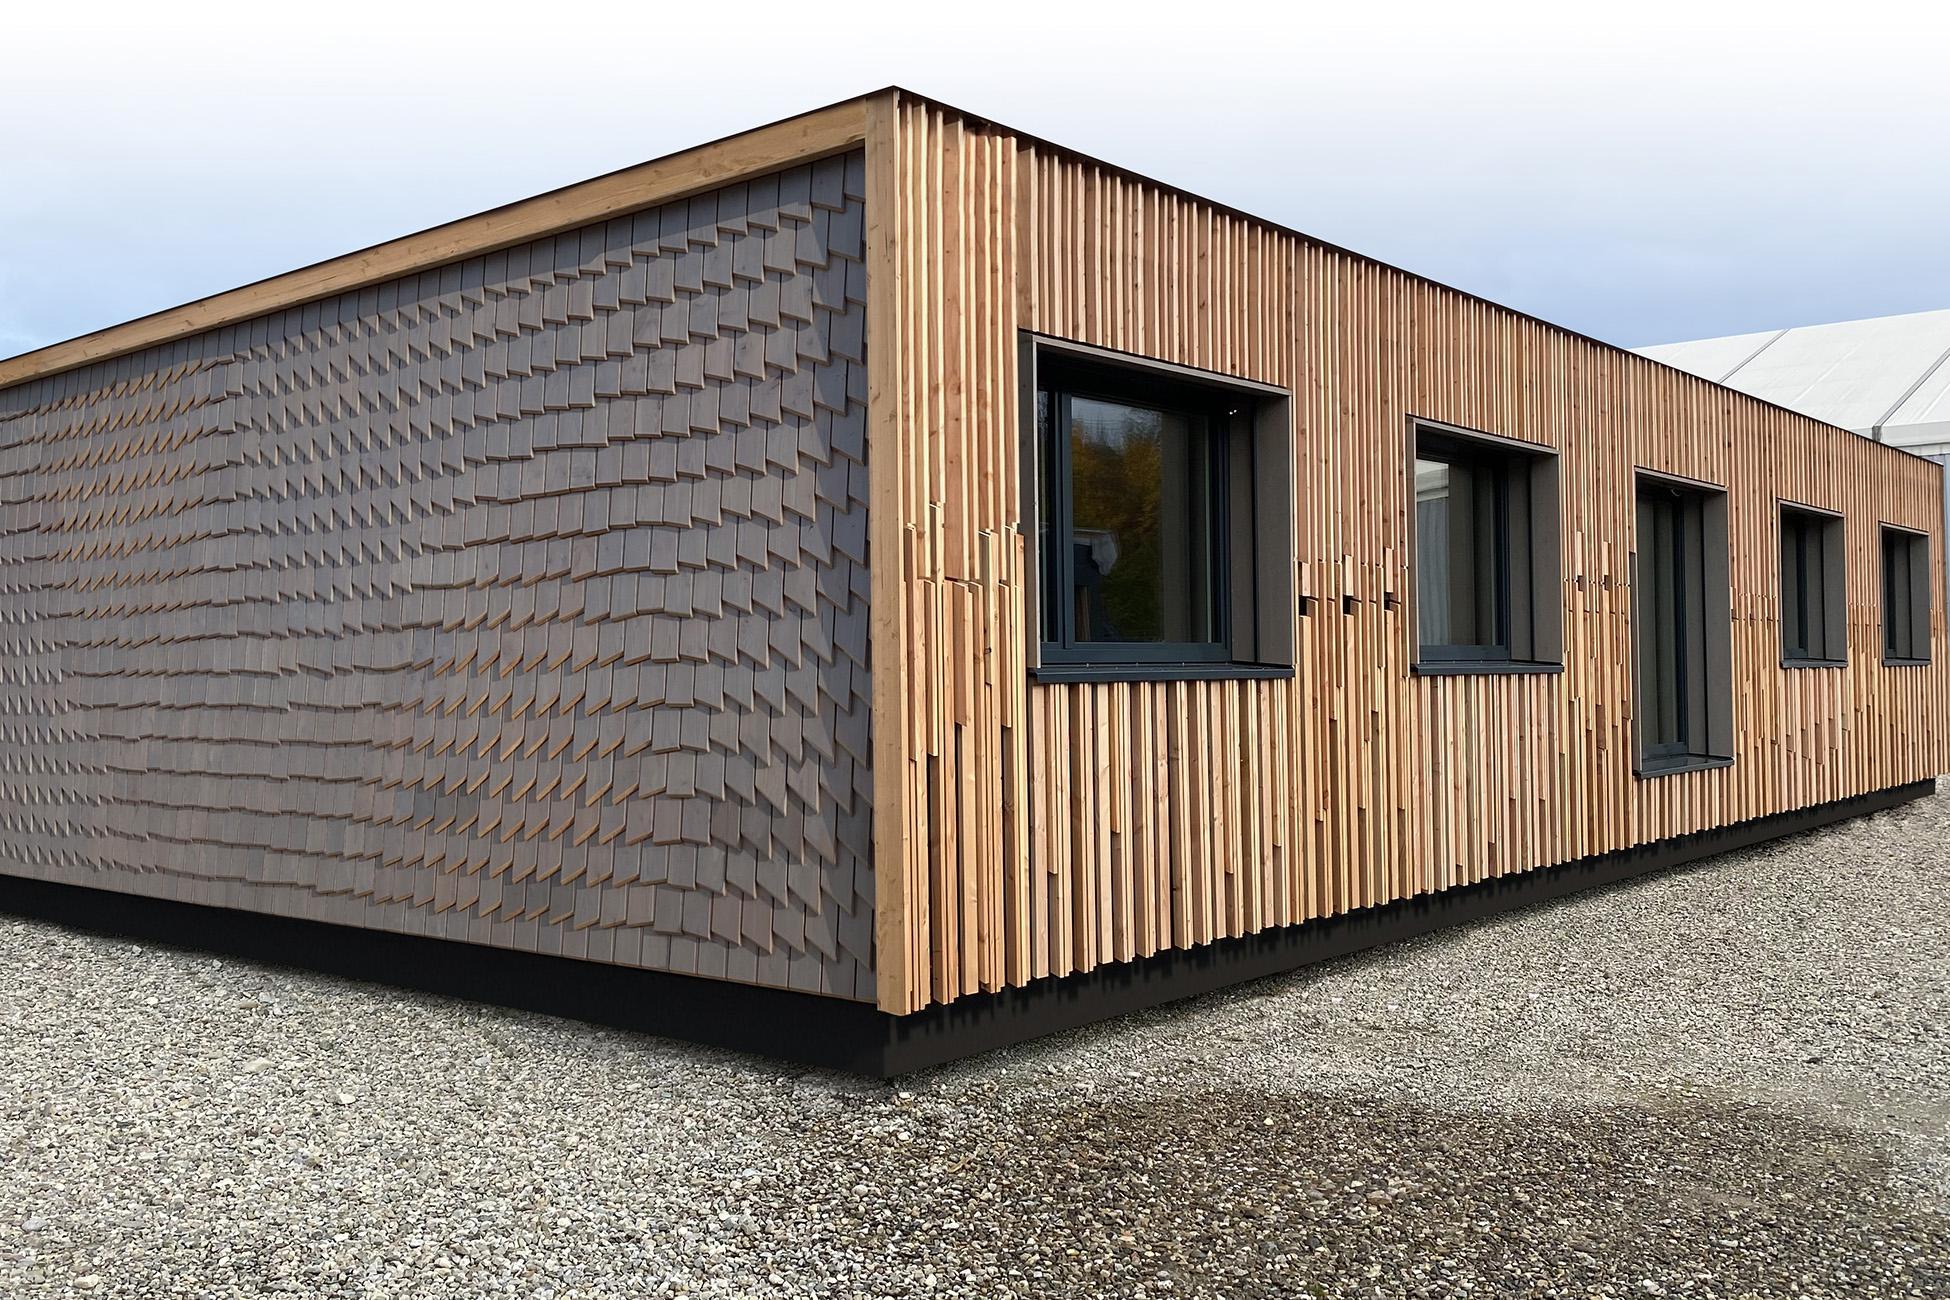 Aufnahme Baubüro Saig mit zwei verschiedenen Fassaden